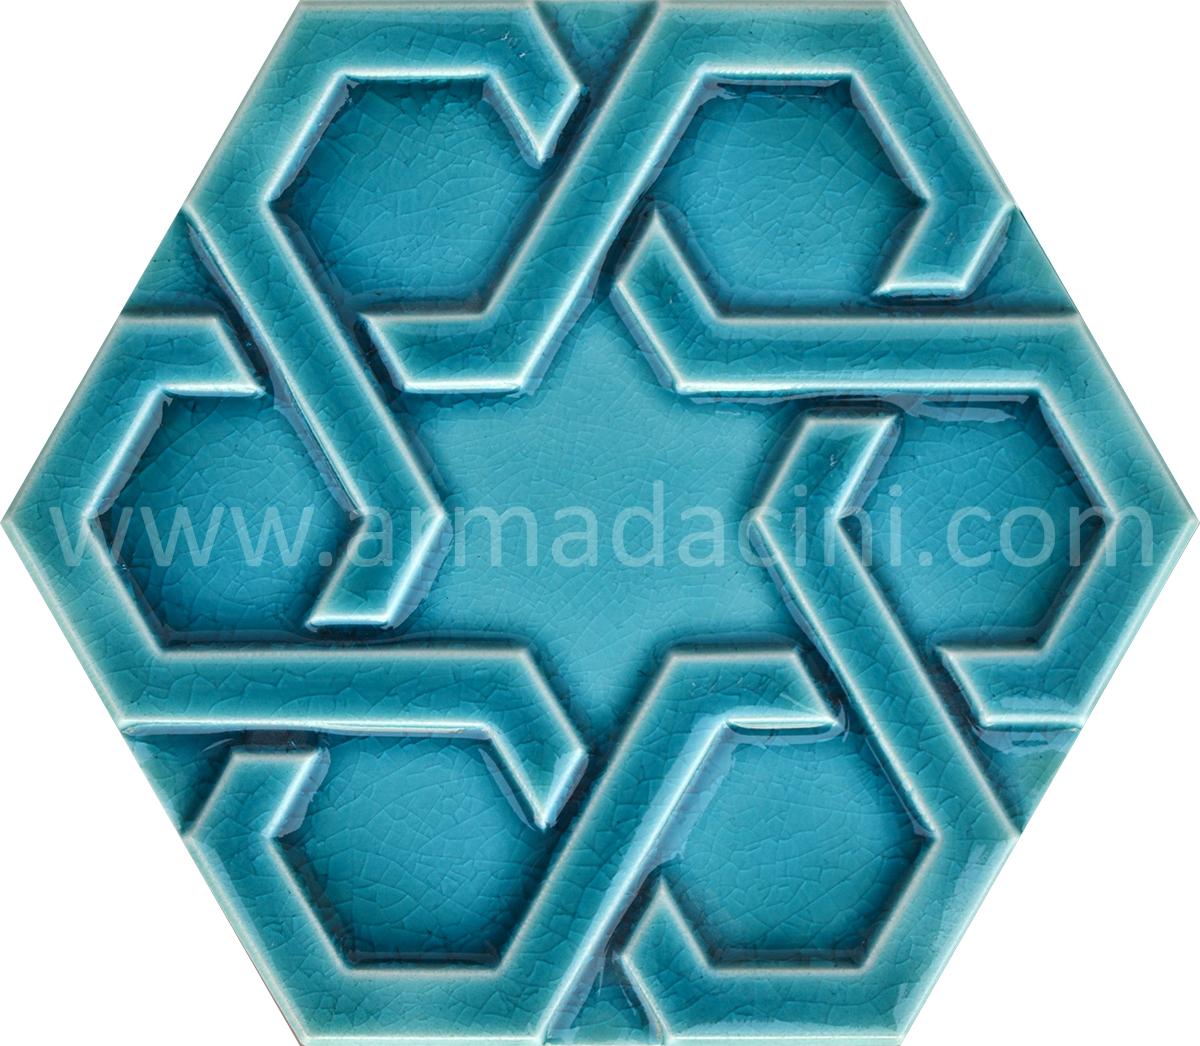 Turkuaz Rolyefli Porselen Altıgen Cini, Kutahya çinisi, Cami çinileri, Türk hamamı, mosque, Banyo otel dekorasyon, fiyatları hexagon tile decoration örnek